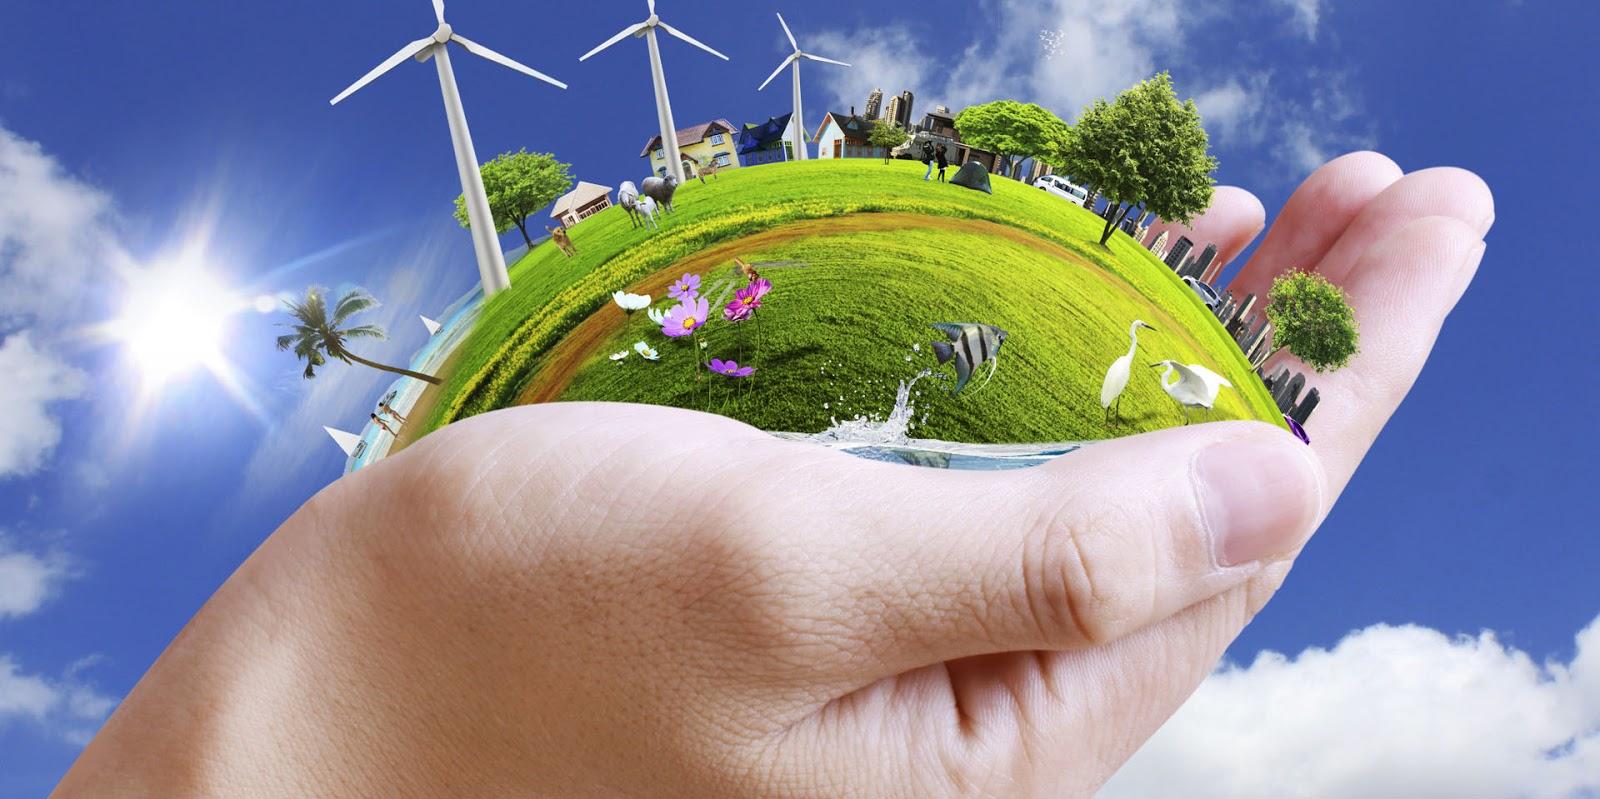 باید با مسائل زیست محیطی جدی تر برخورد کنیم